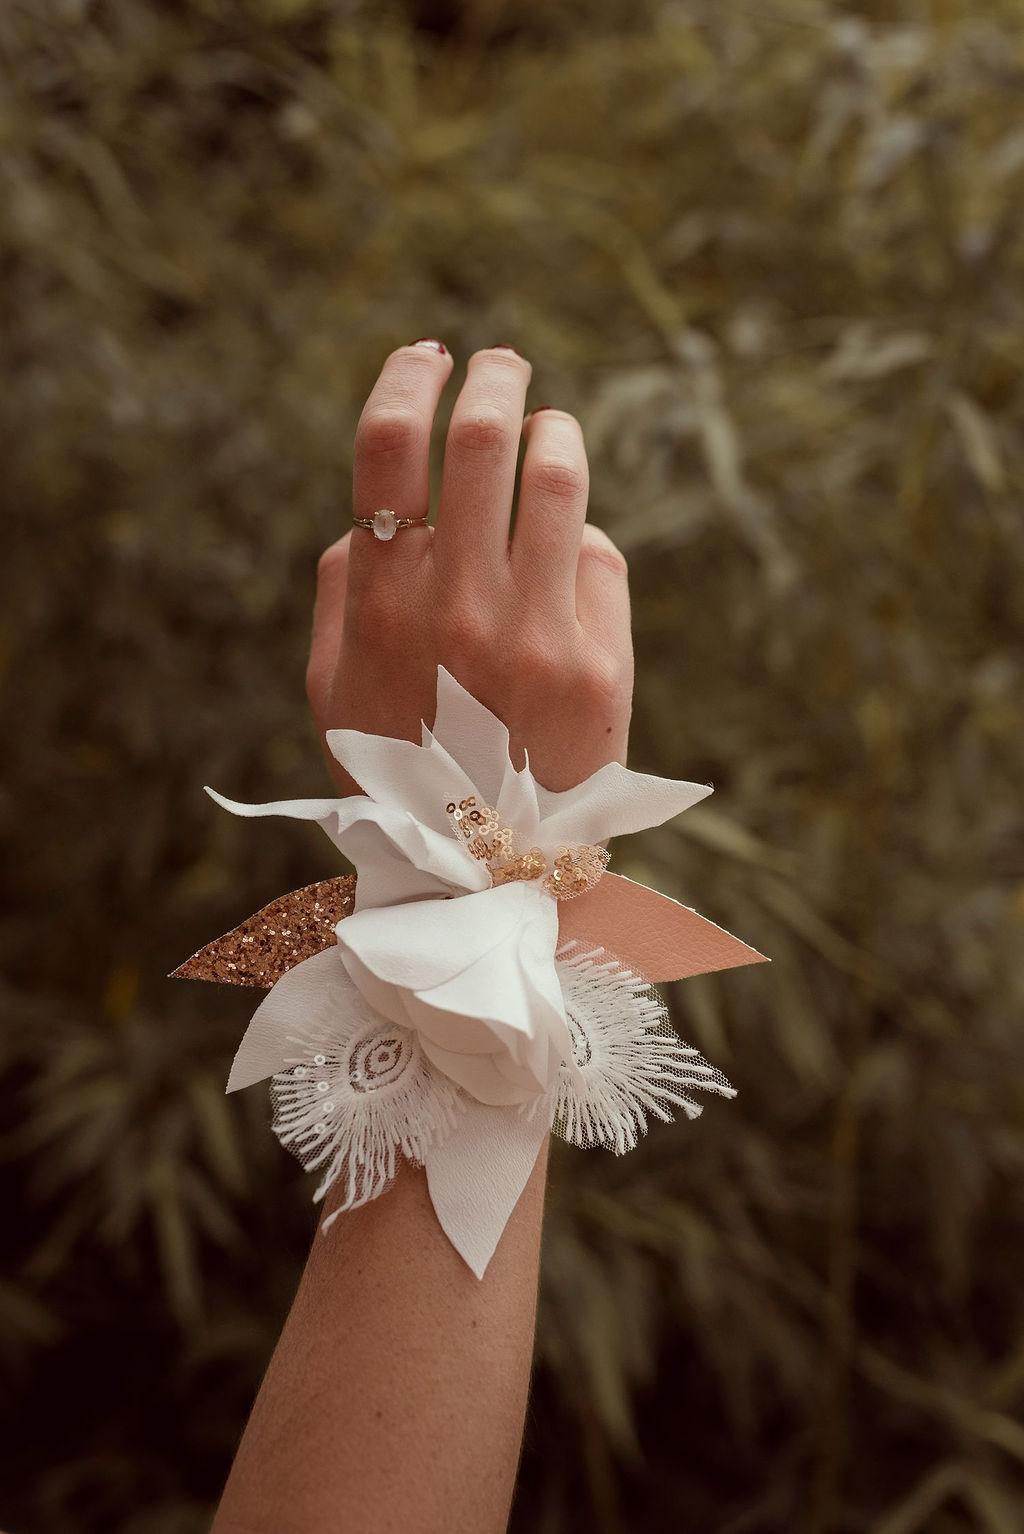 Bracelet fleuri mariée fleurs en tissu Alice MARTY Couture Florale Accessoires mariage et jolis jours